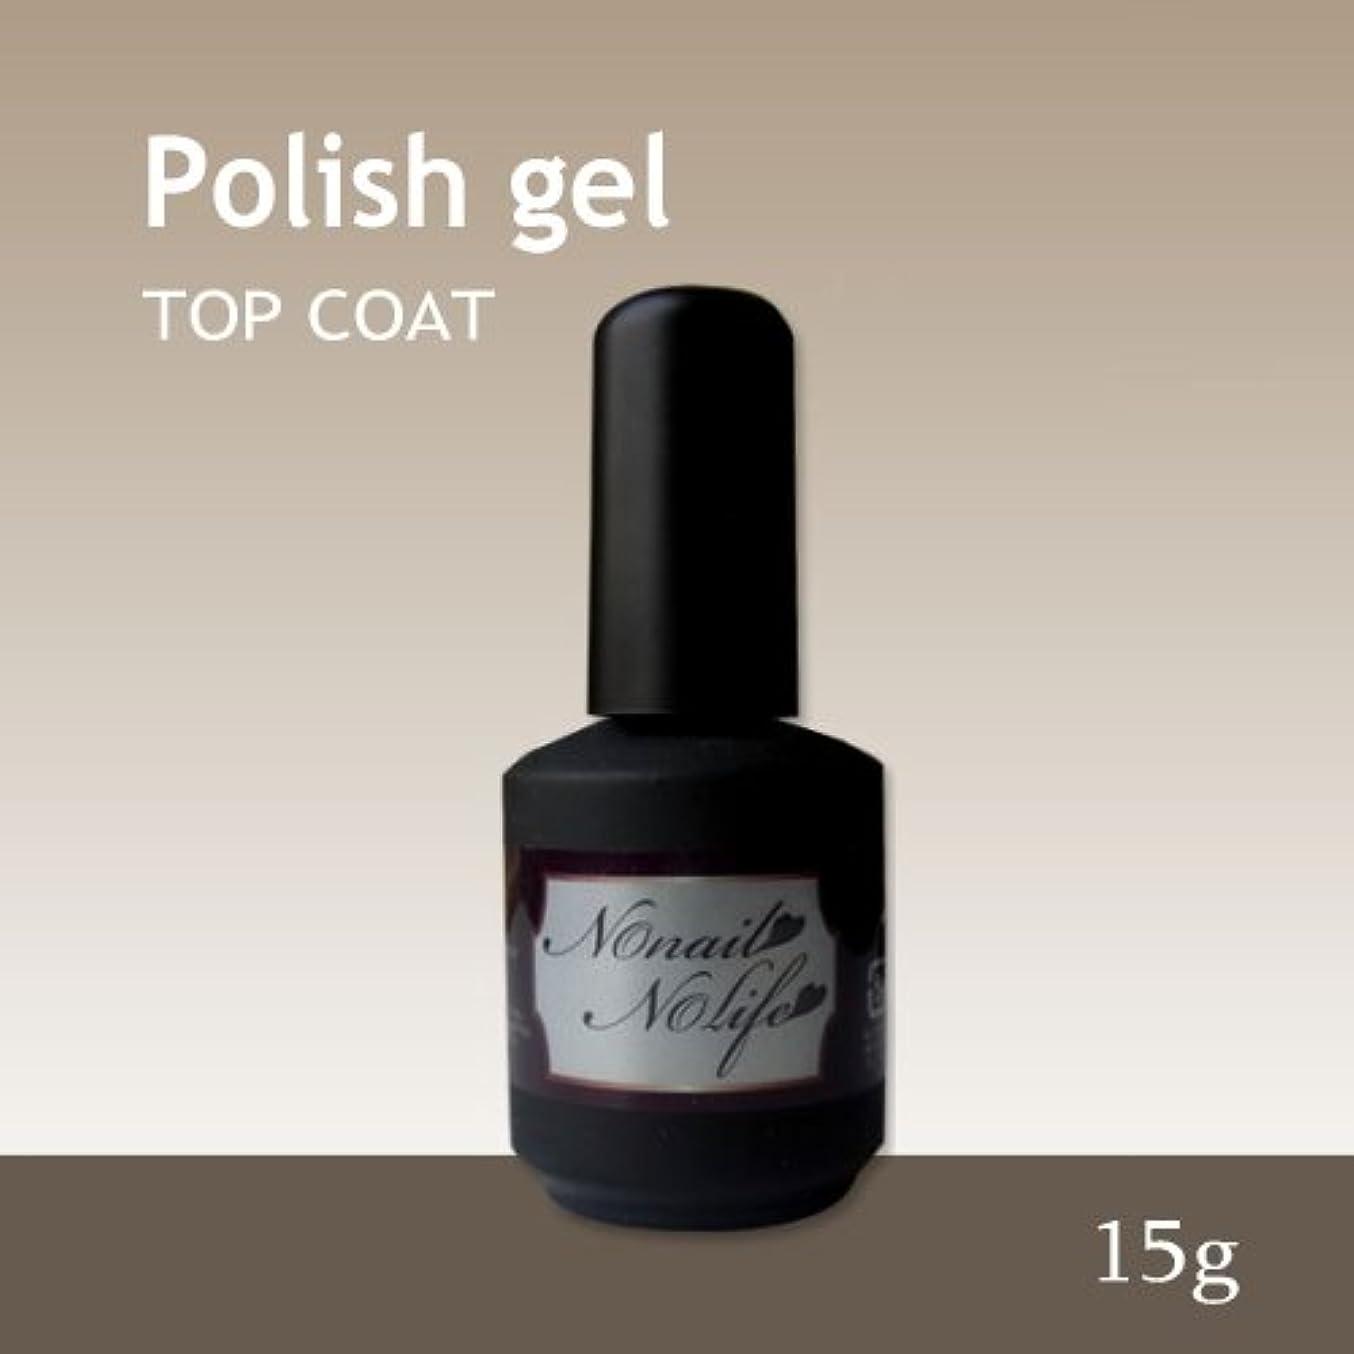 アデレード崩壊ピンポイントジェルネイル《爪に優しいトップコートジェル》Natural Polish ポリッシュトップジェル(15g)